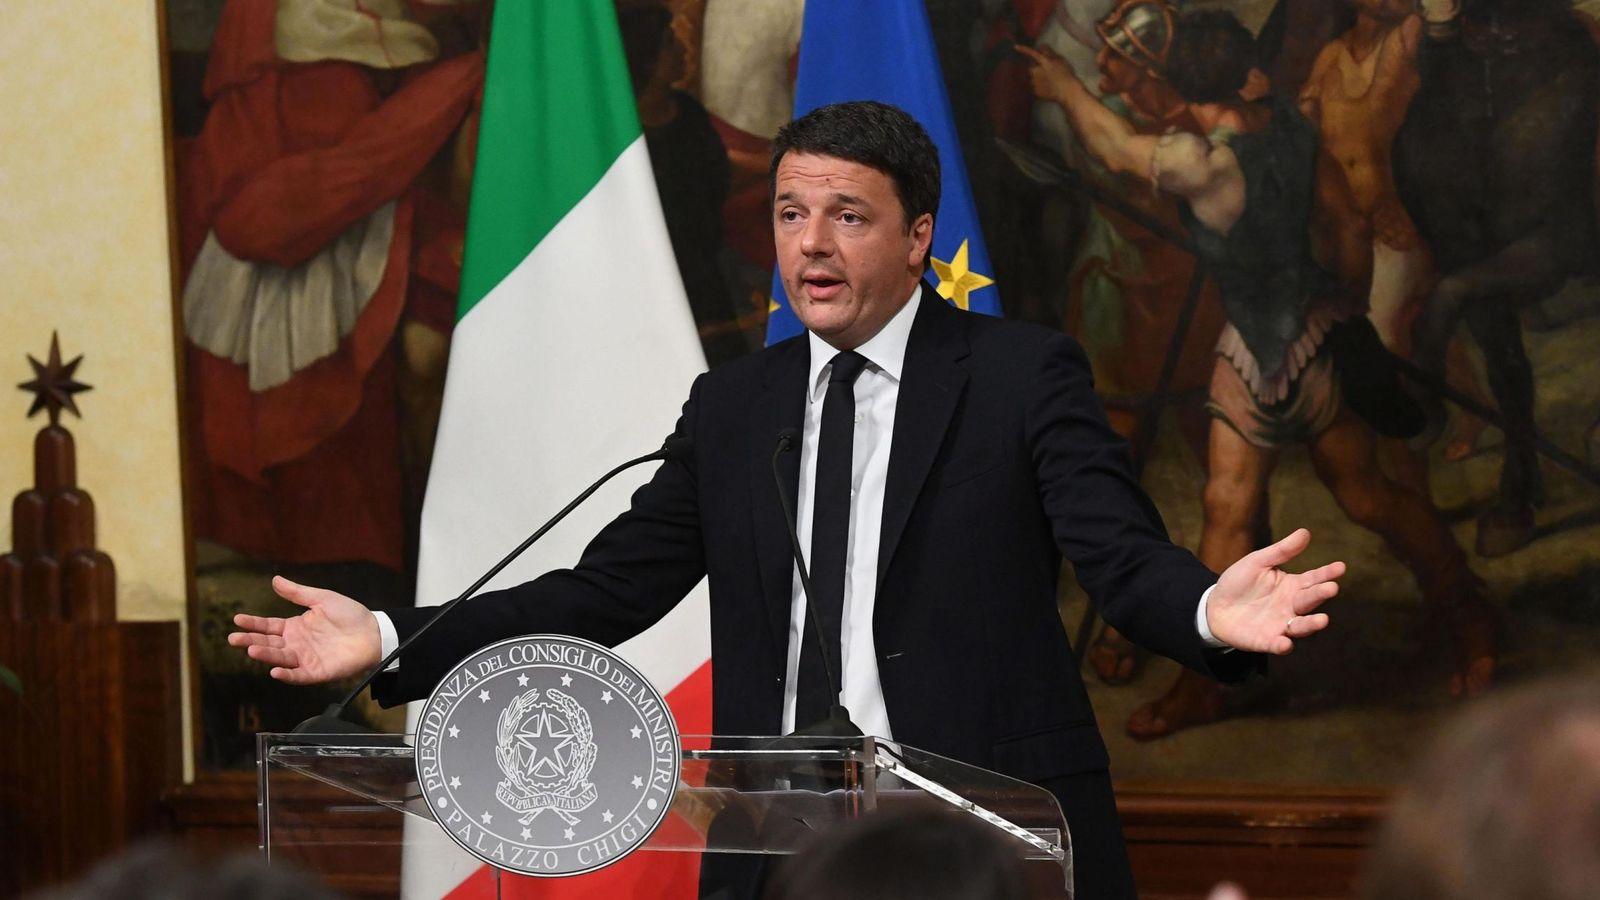 Foto: El primer minisro italiano, Matteo Renzi. (EFE)